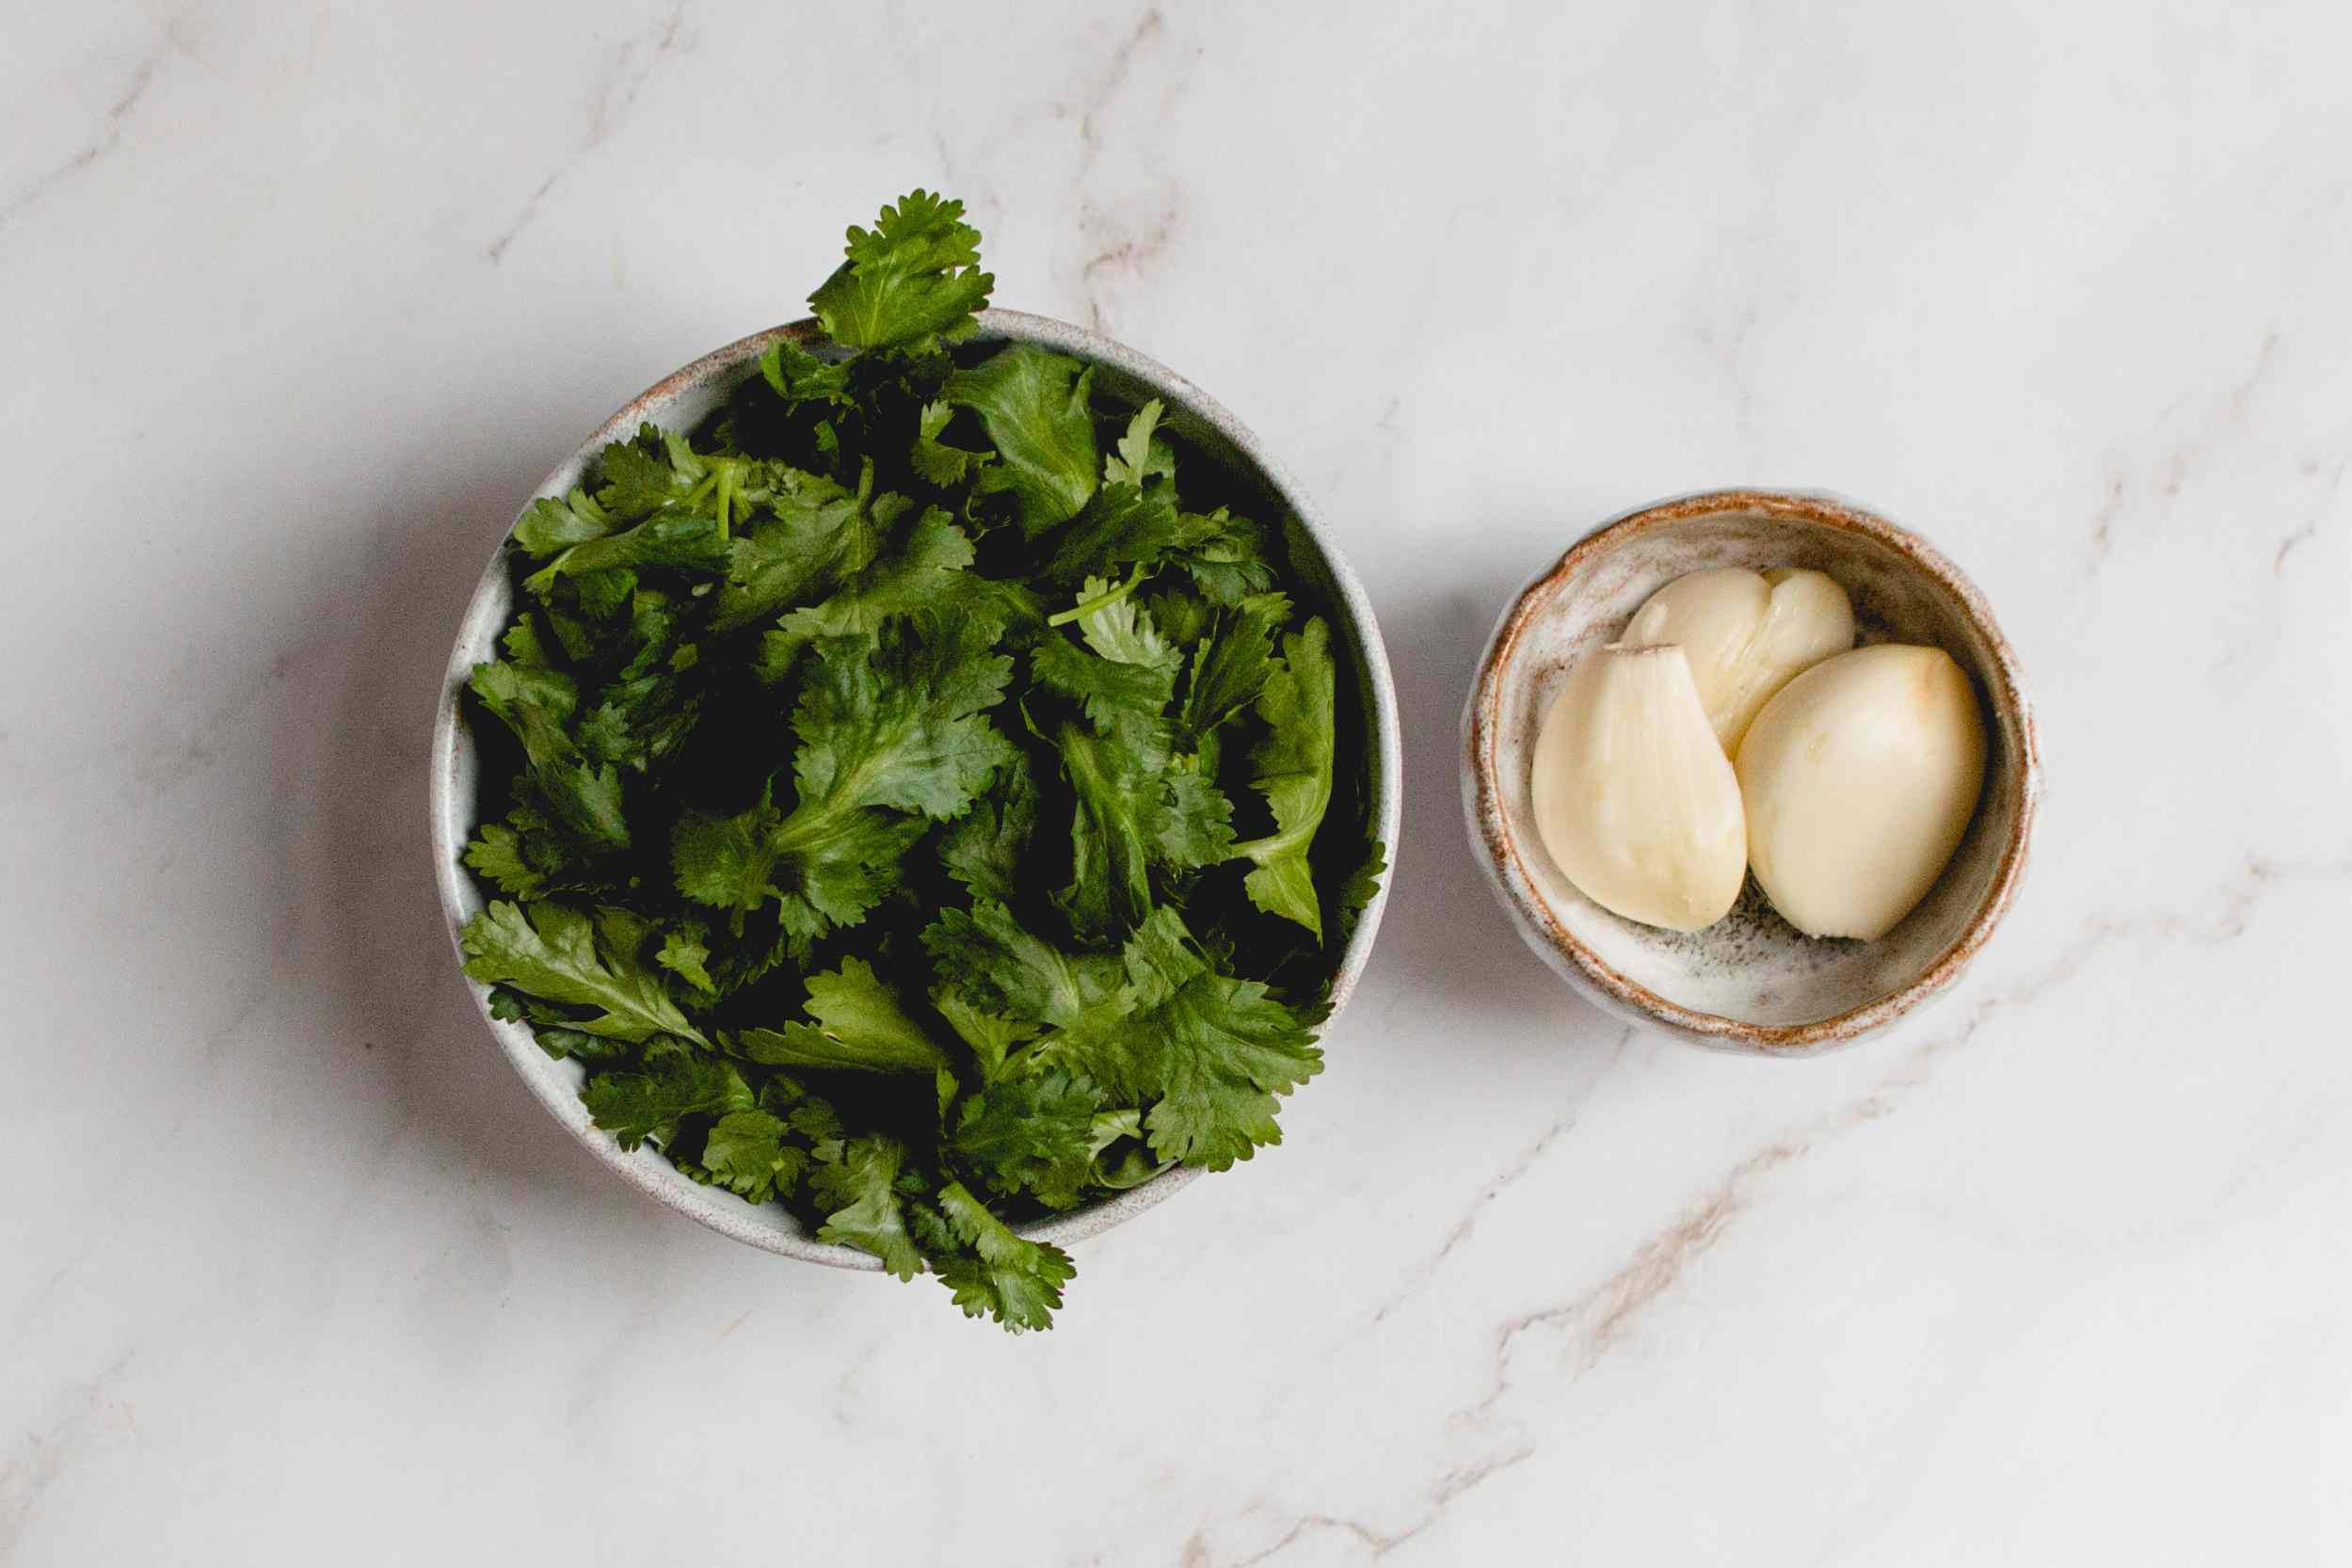 peel garlic cloves and remove cilantro stems